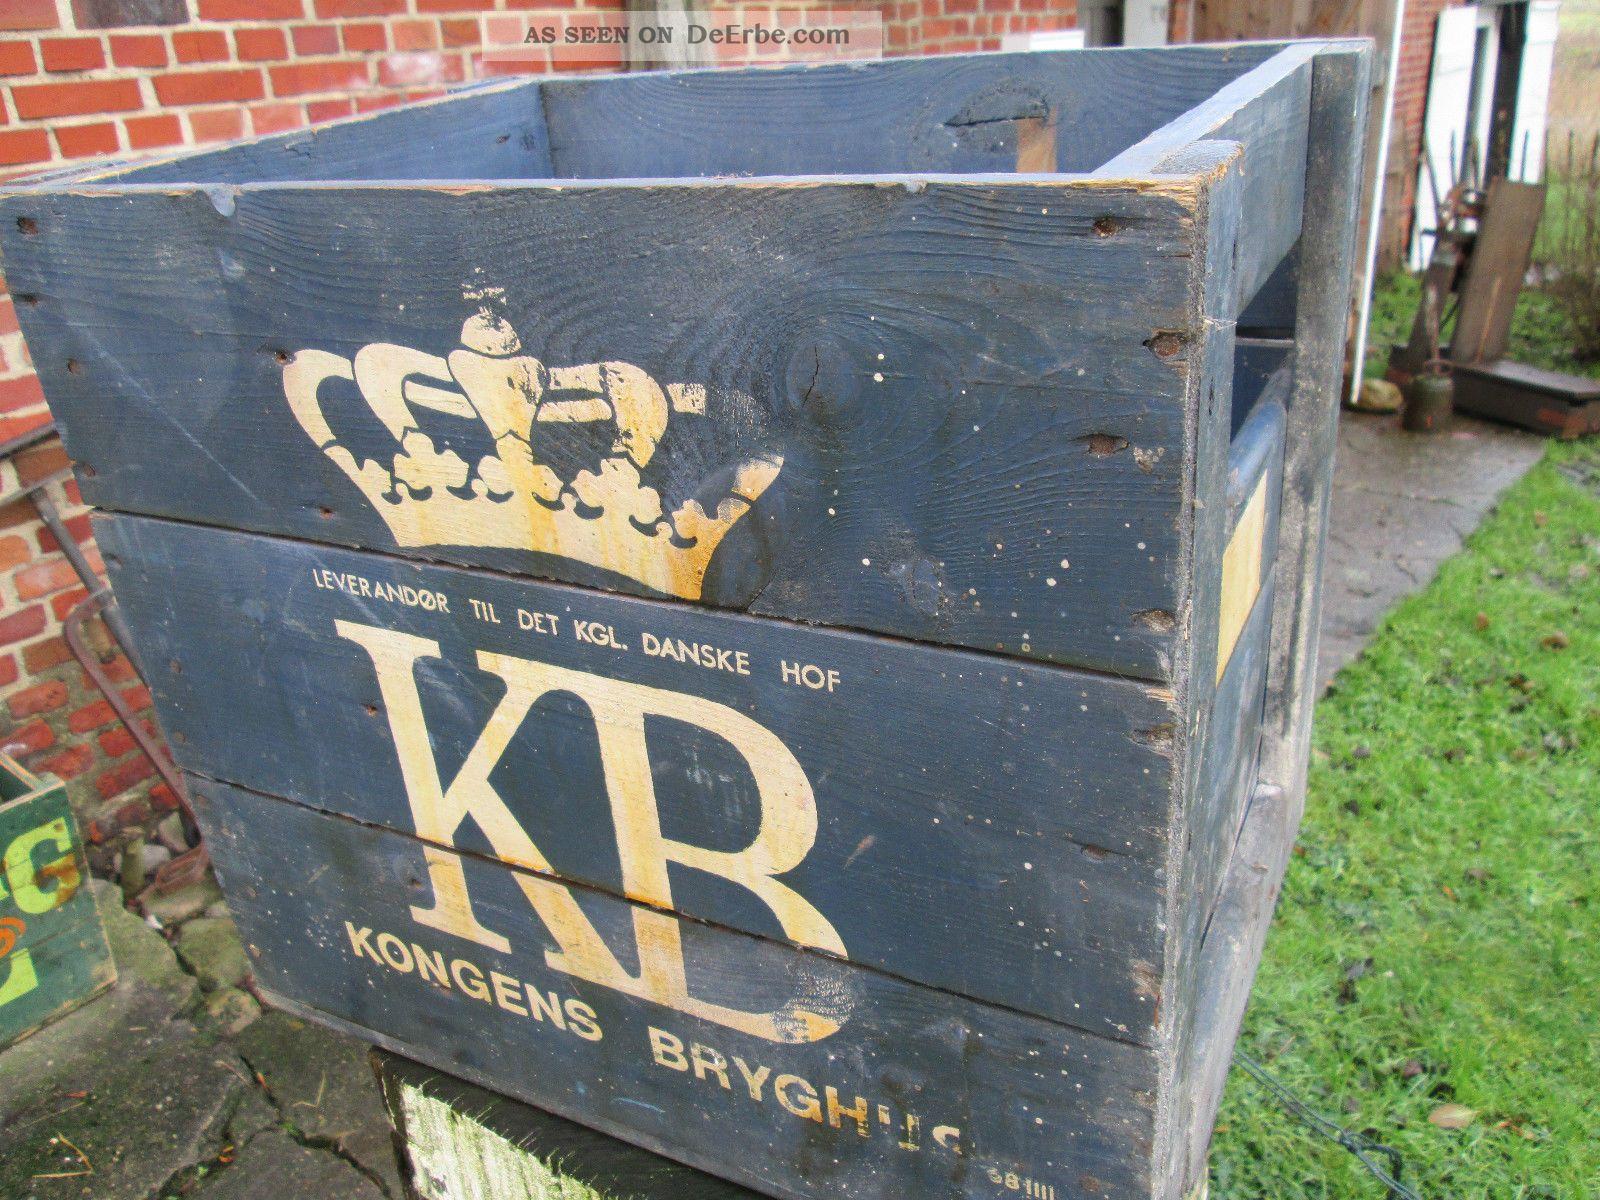 Rarität : Alte Kongens Bryghus (kb) Bierkiste Aus Holz Alte Berufe Bild